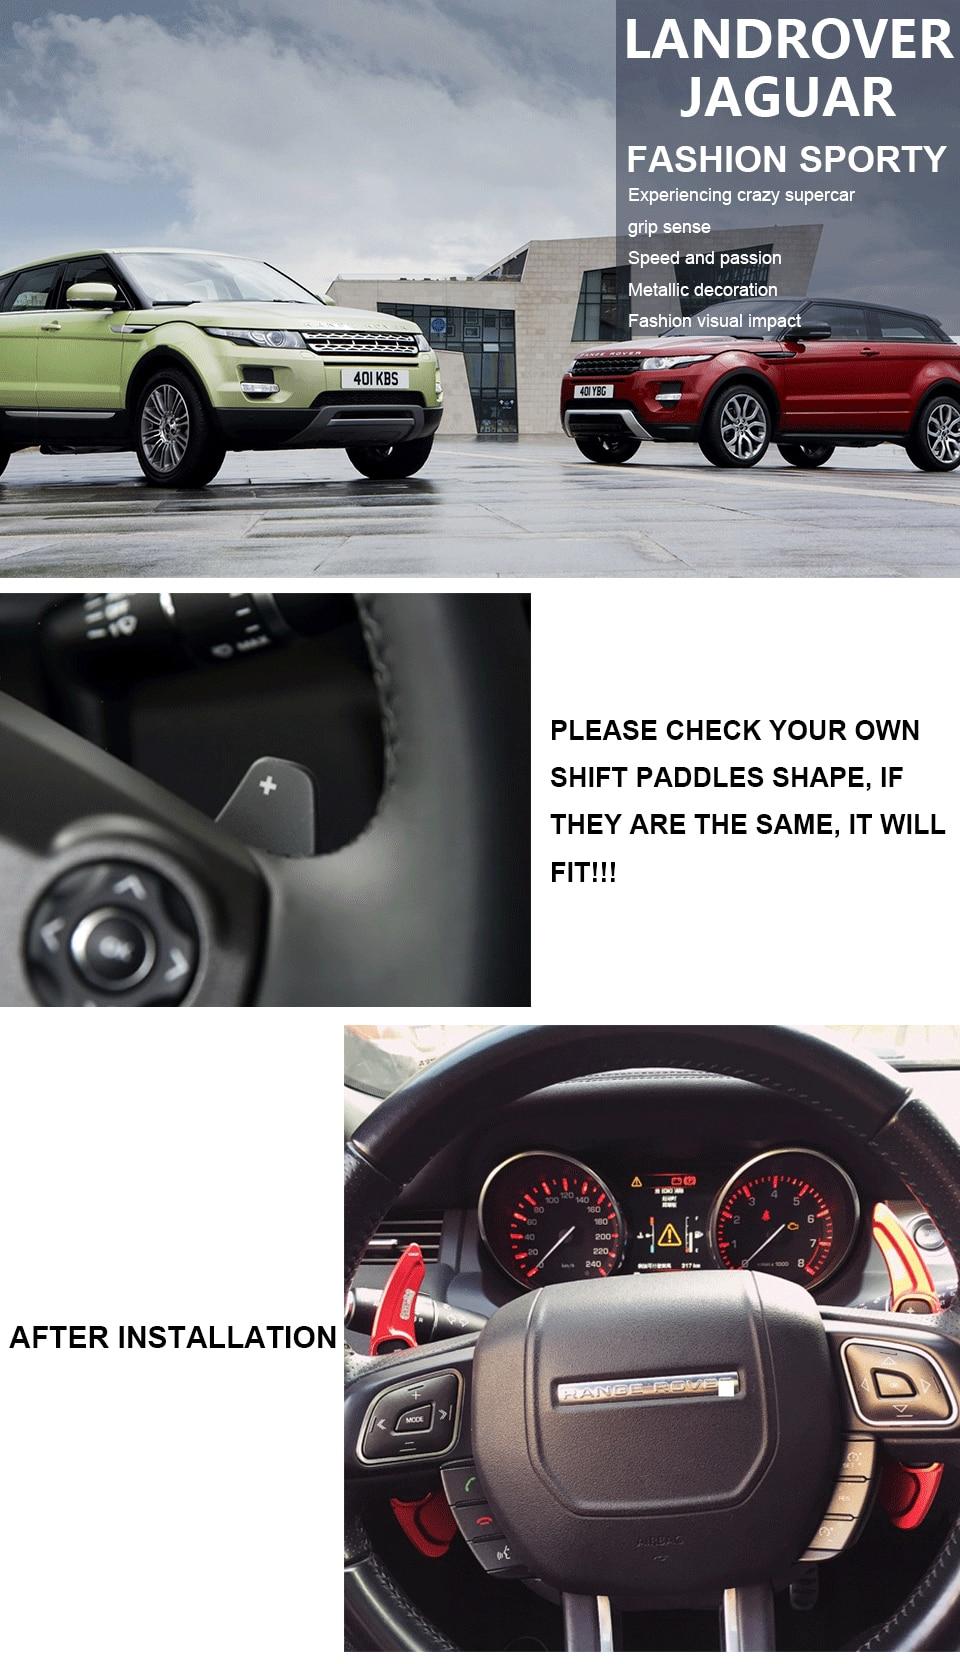 Naliovker Paleta de Cambio de Volante de Aleaci/óN de Aluminio de 2 Piezas para Land Range Rover Evoque Discovery Sport//Leopardo Xf Xe Plata